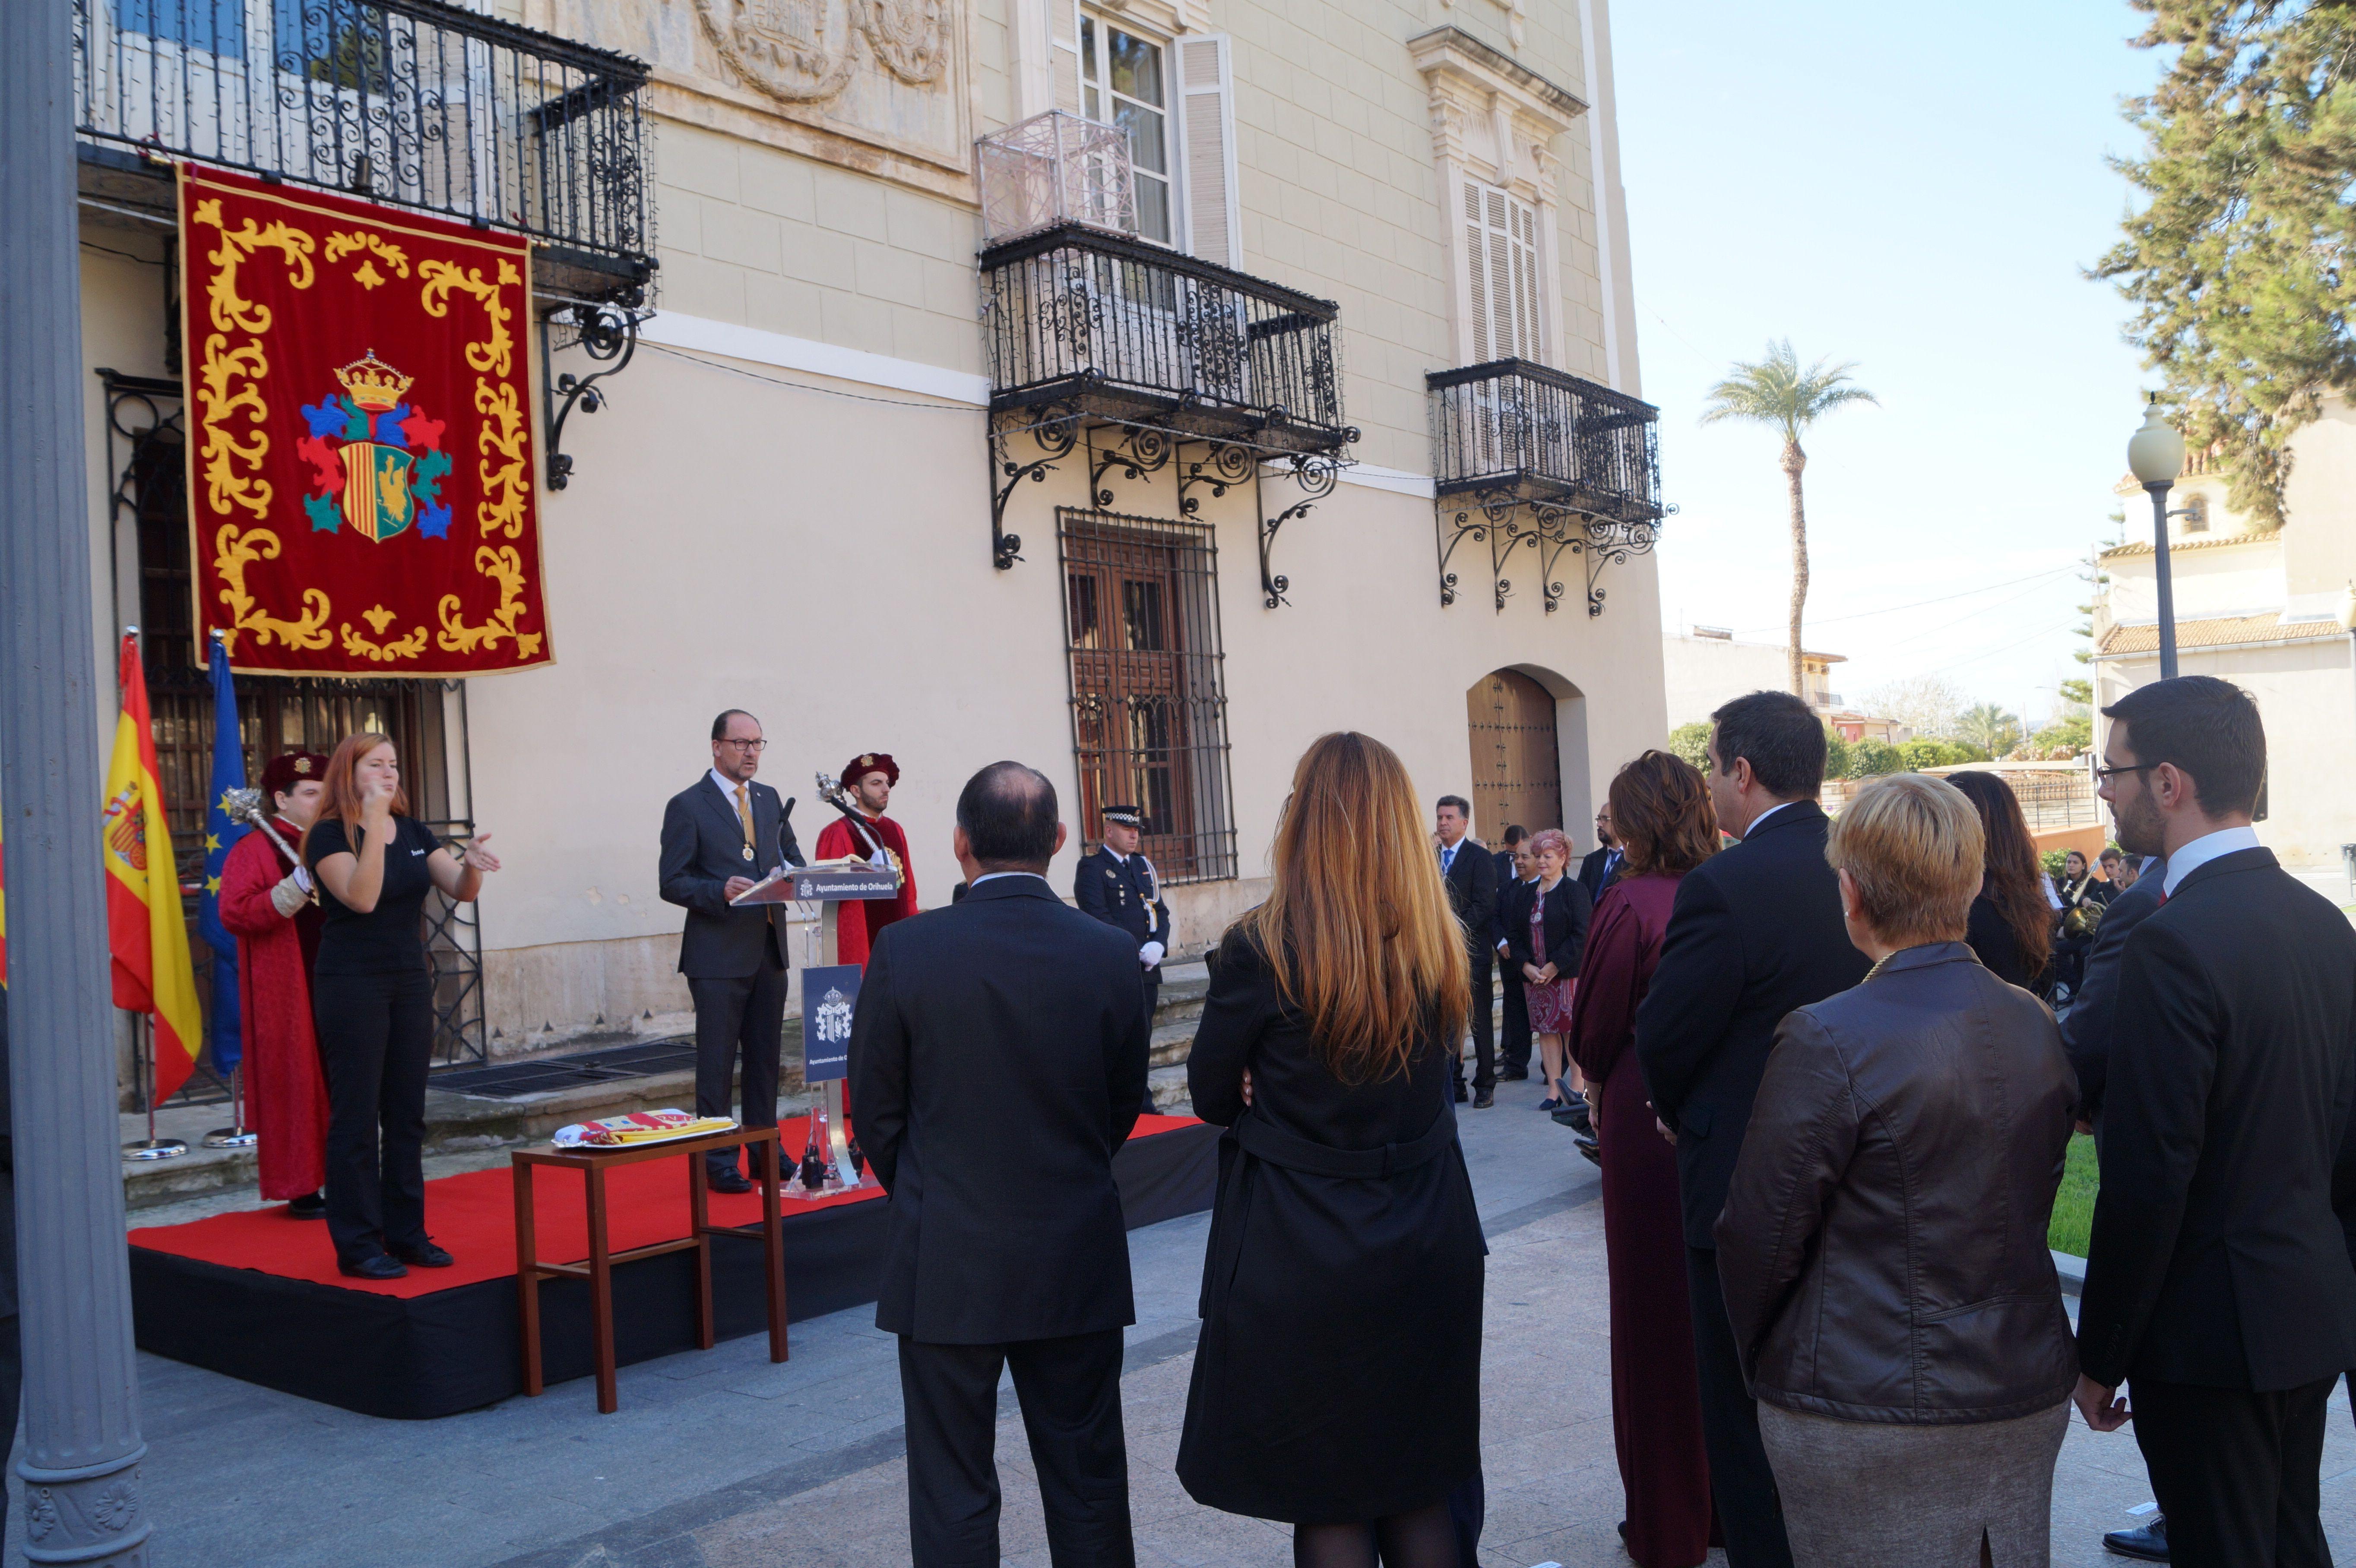 Orihuela recuerda al primer presidente de la Democracia, Adolfo Suárez, en el Día de la Constitución Española - http://www.theleader.info/2016/12/06/orihuela-celebrates-constitution-day/